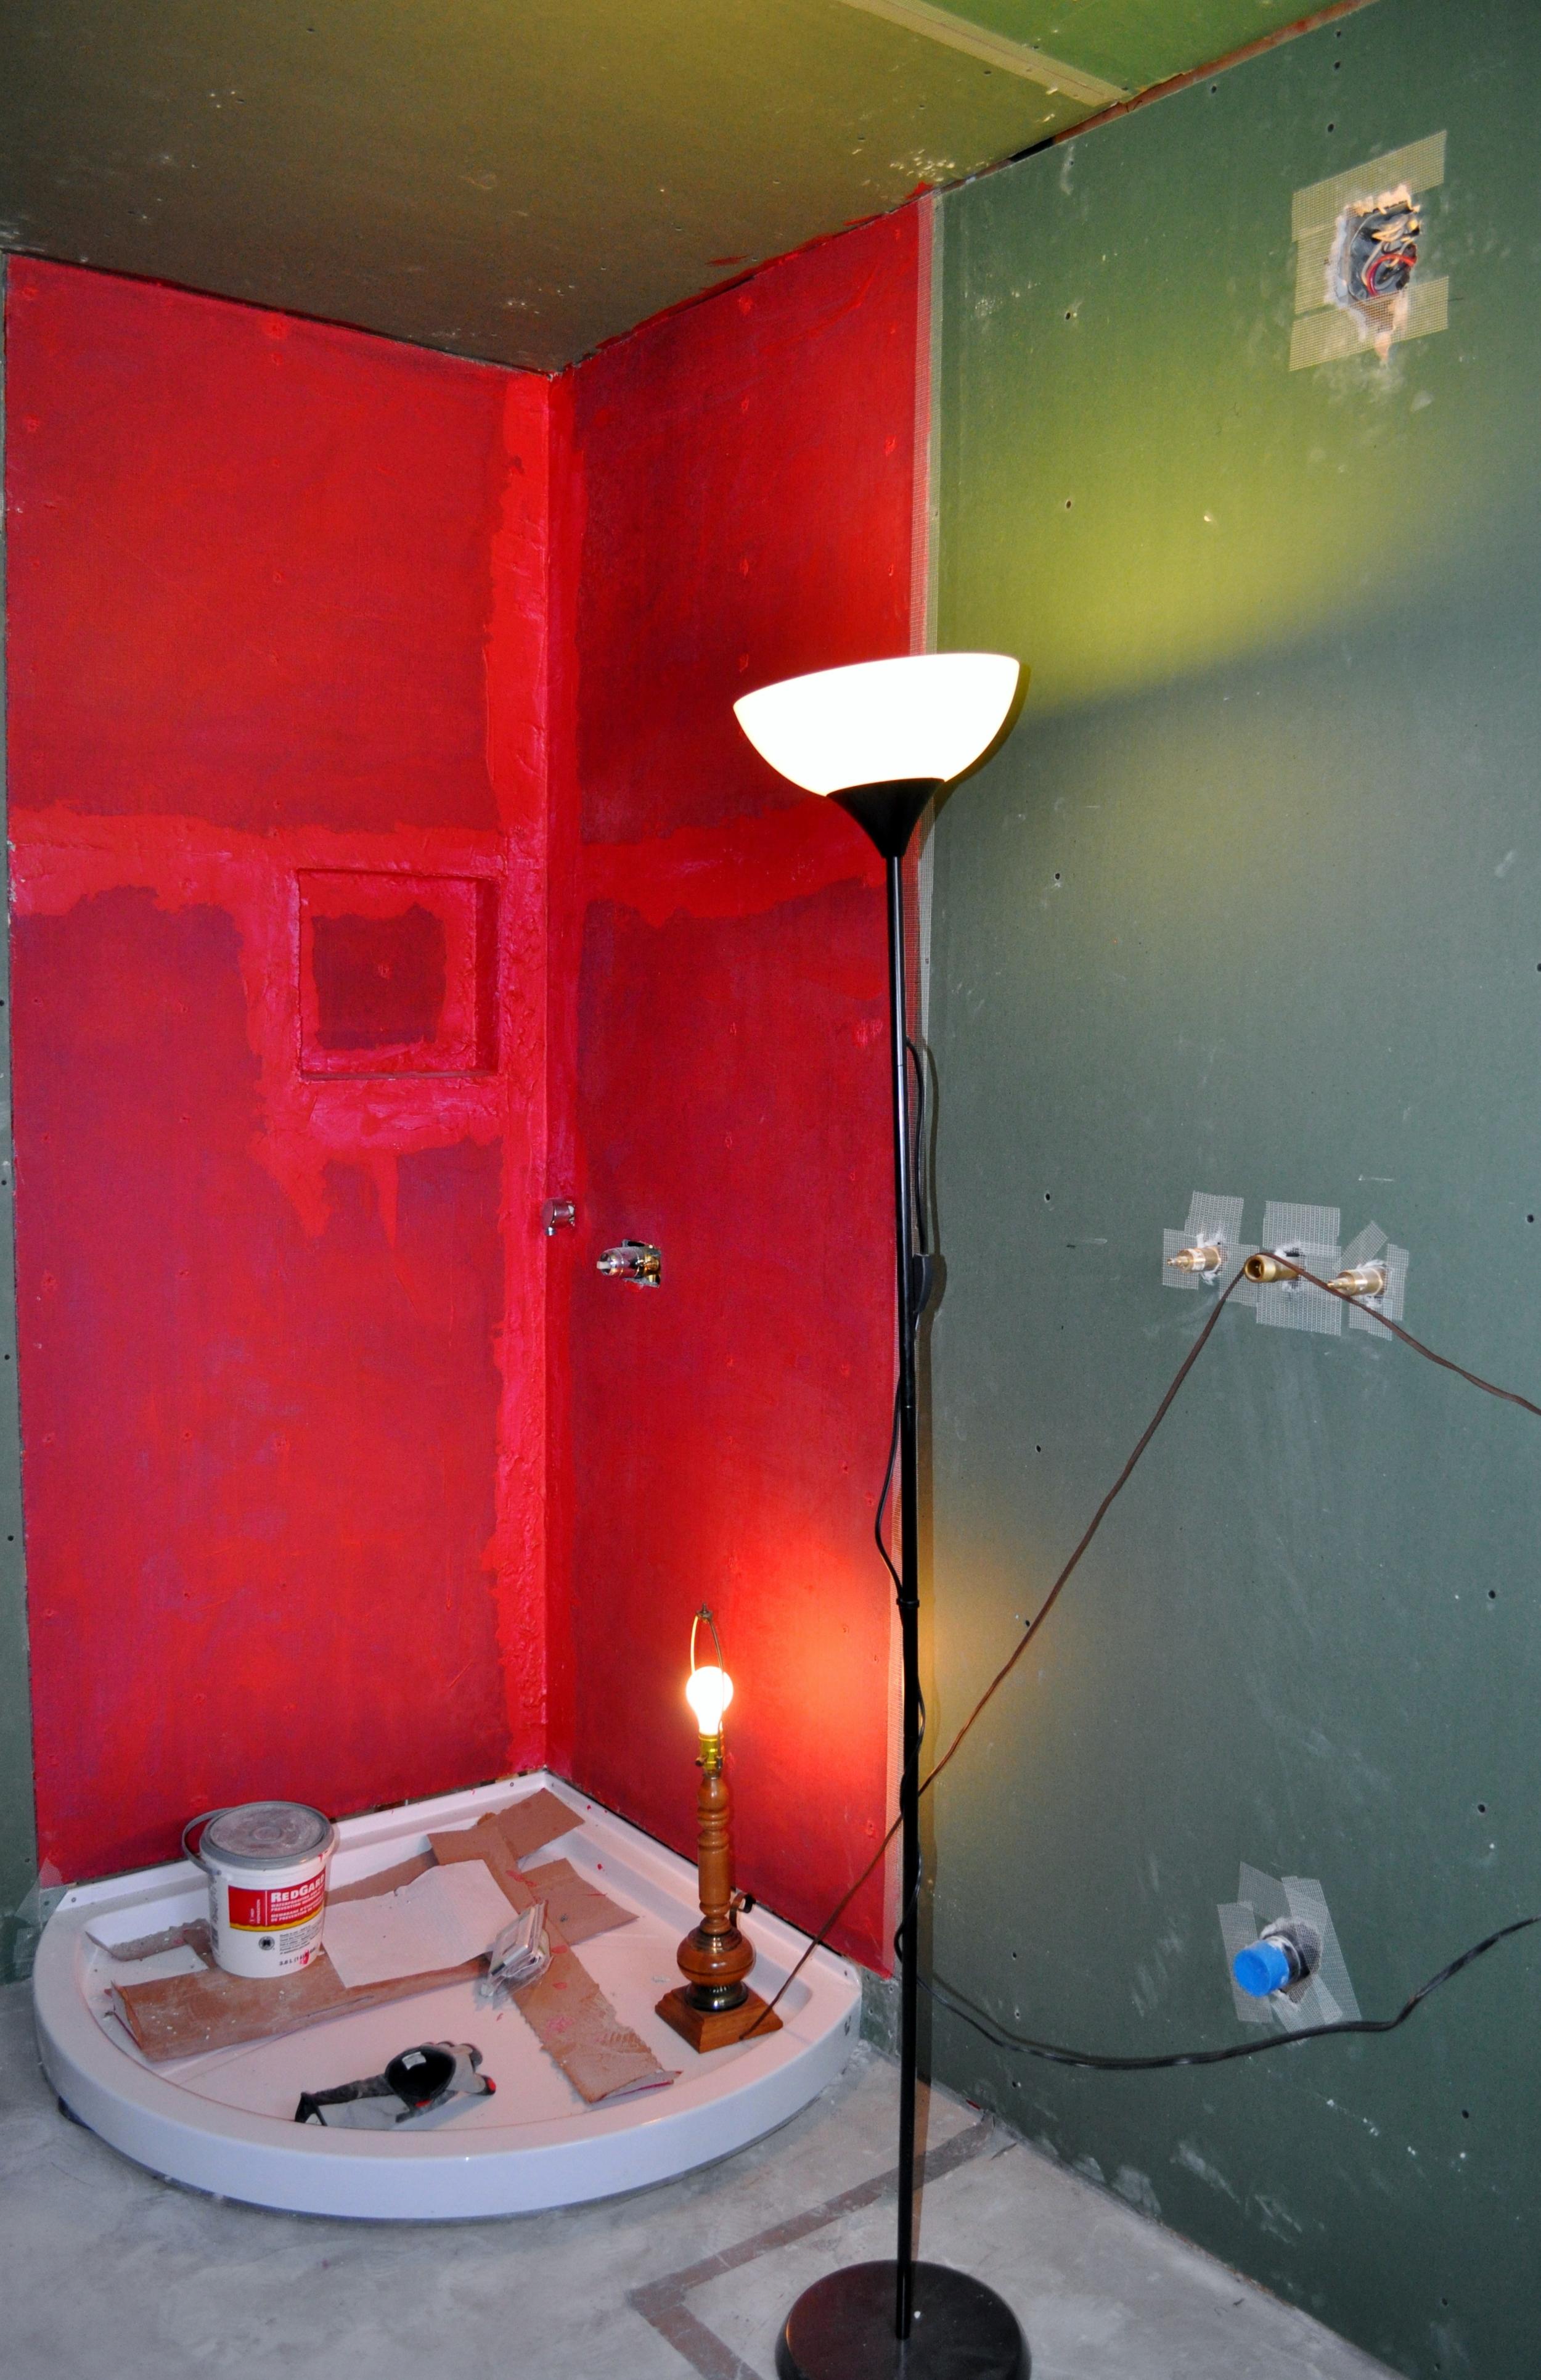 Bathroom - waterproofing the shower